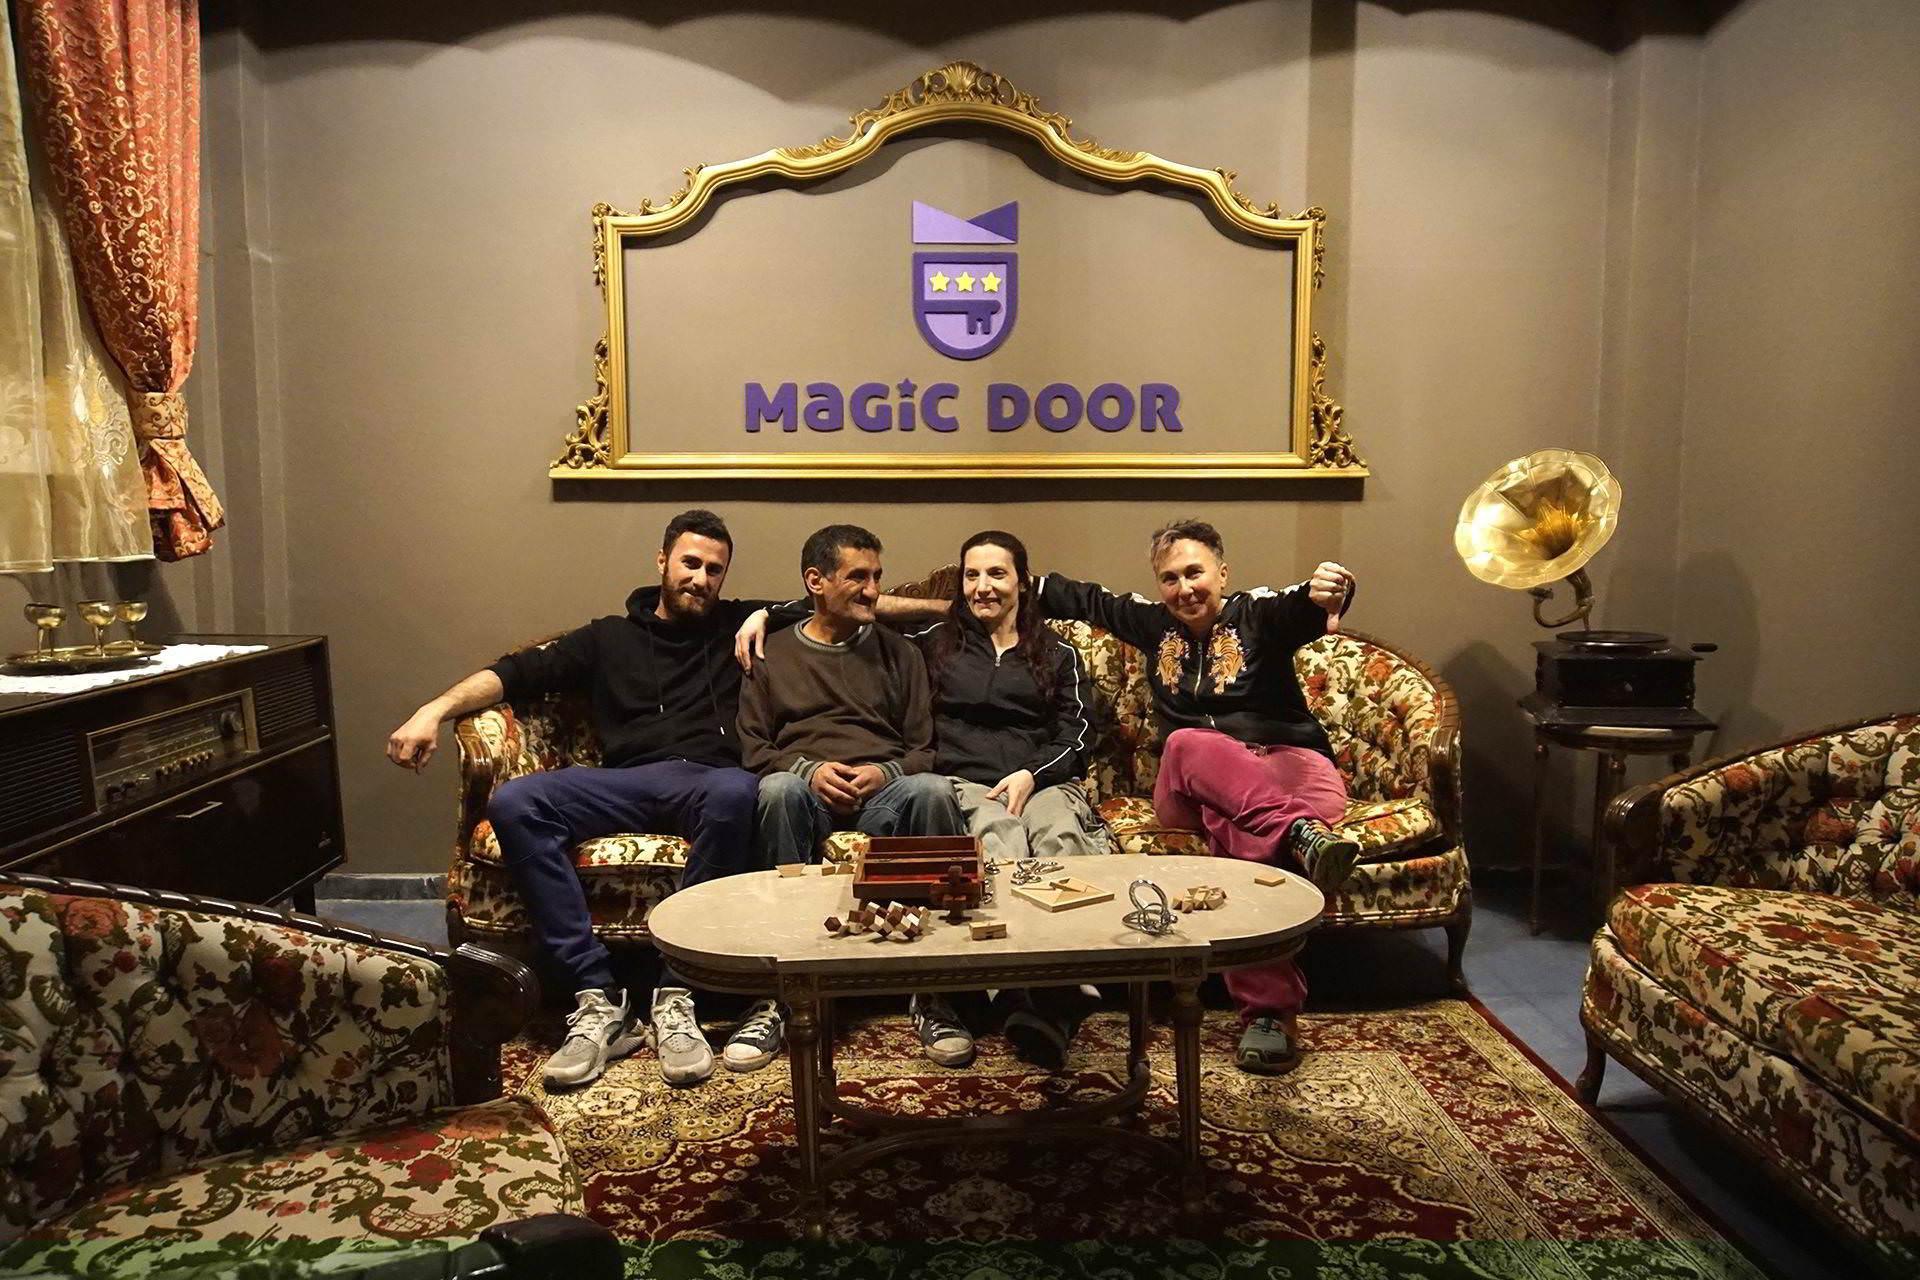 DSC0969 - MagicDoor και κλειστήκαμε μέσα!!